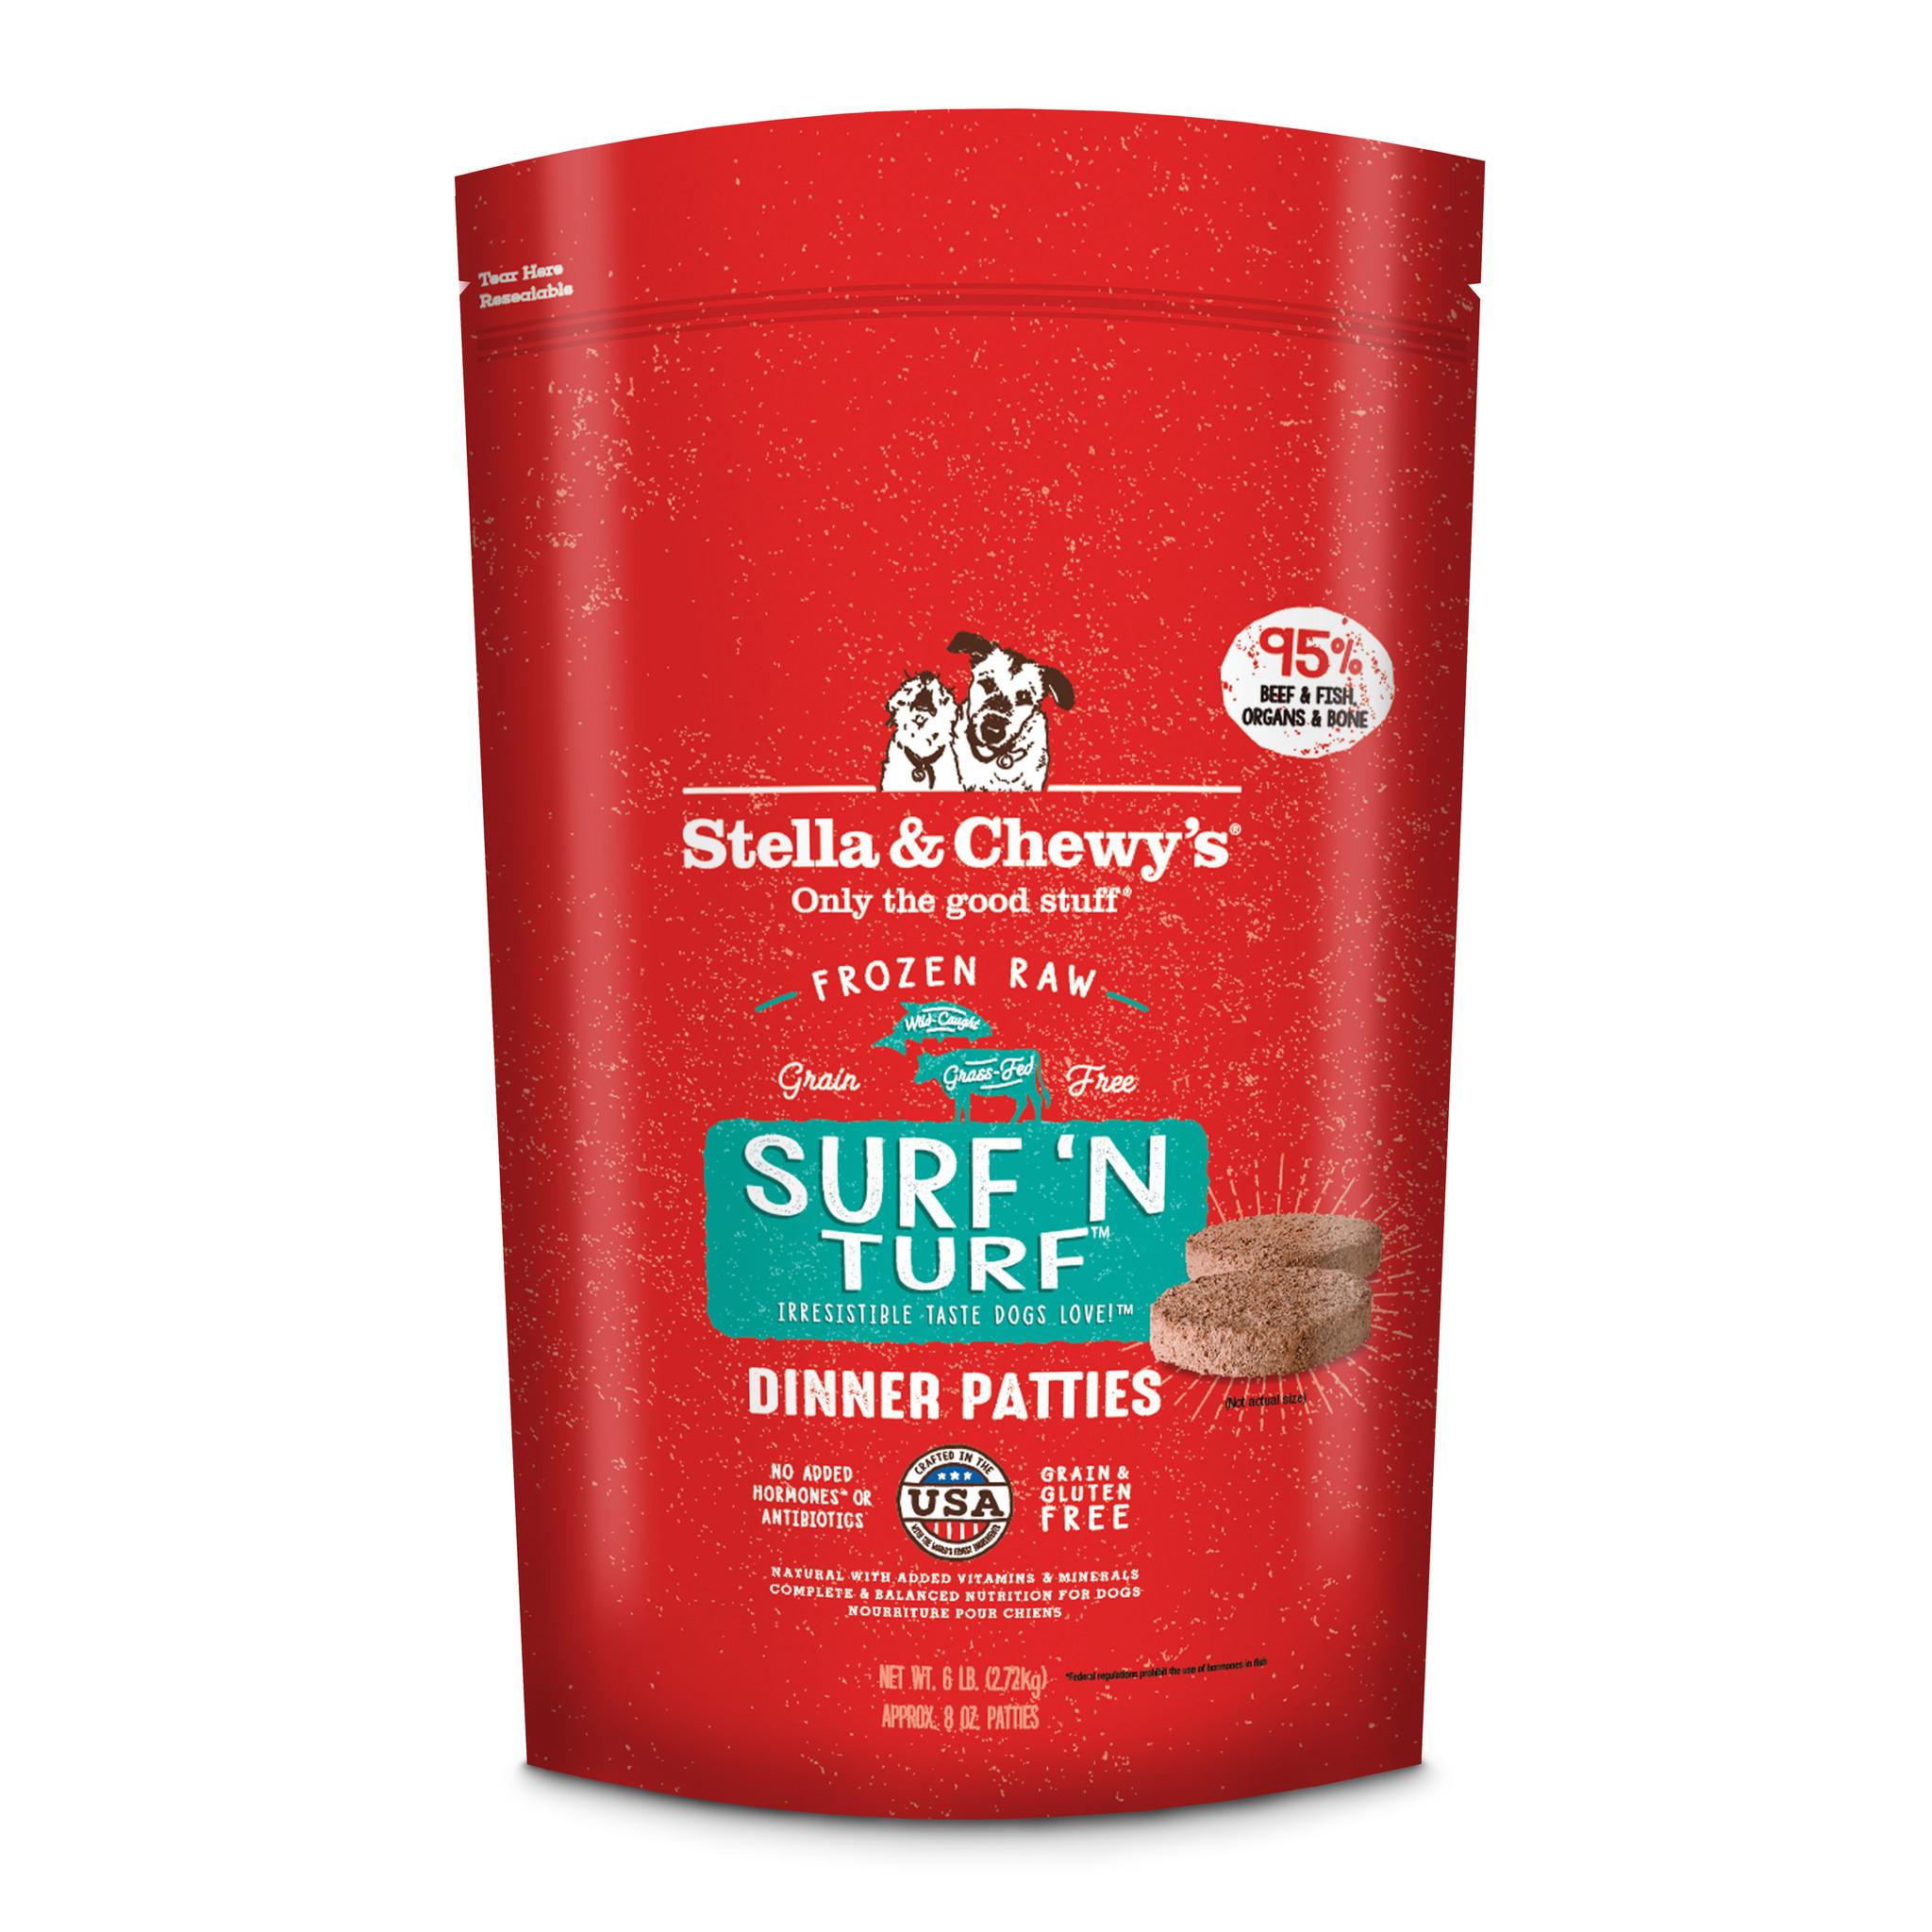 Stella & Chewys Stella & Chewys Surf & Turf Frozen Raw Dinner Patties